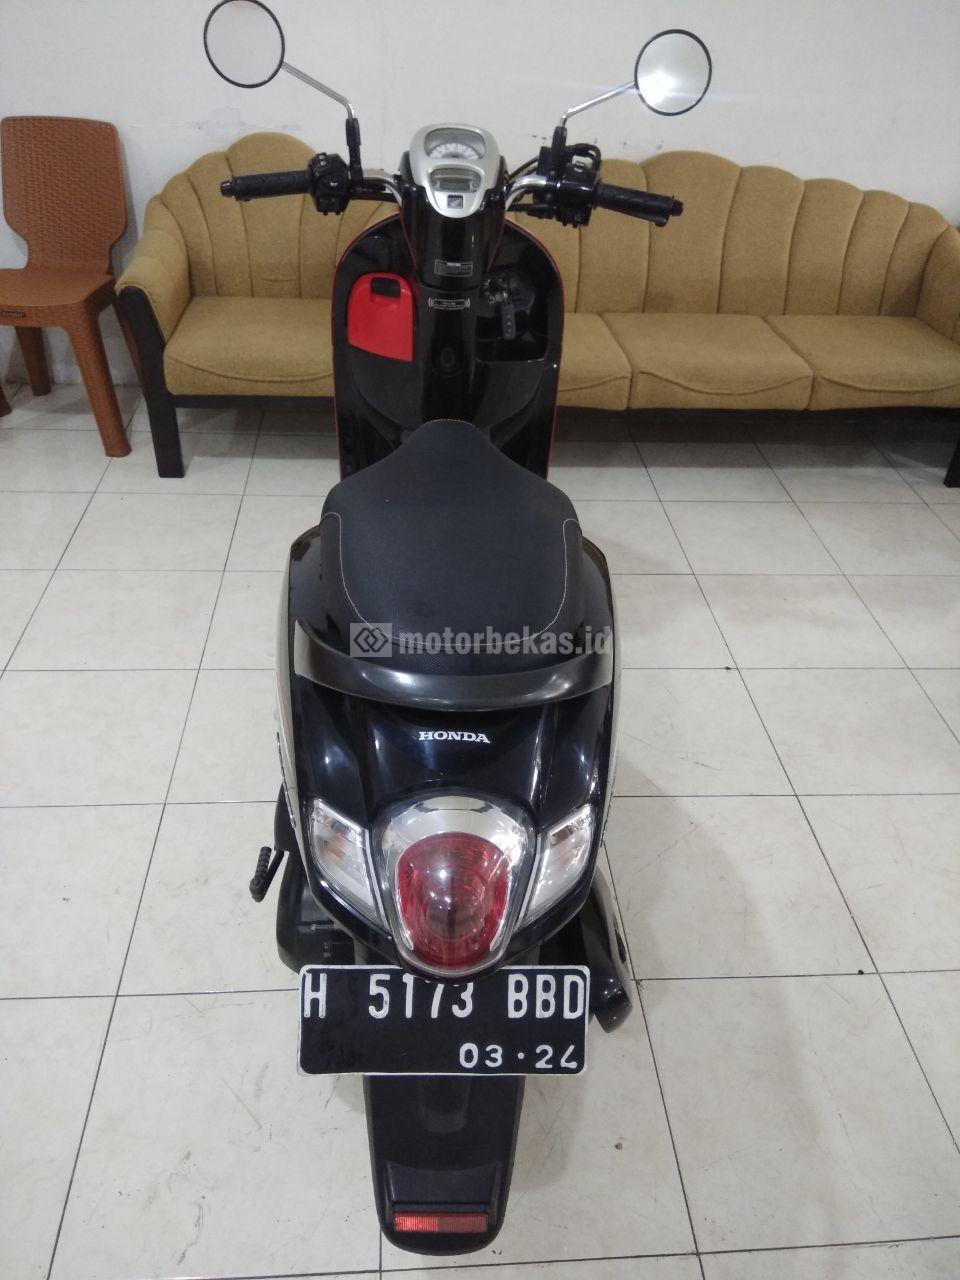 HONDA SCOOPY  2135 motorbekas.id